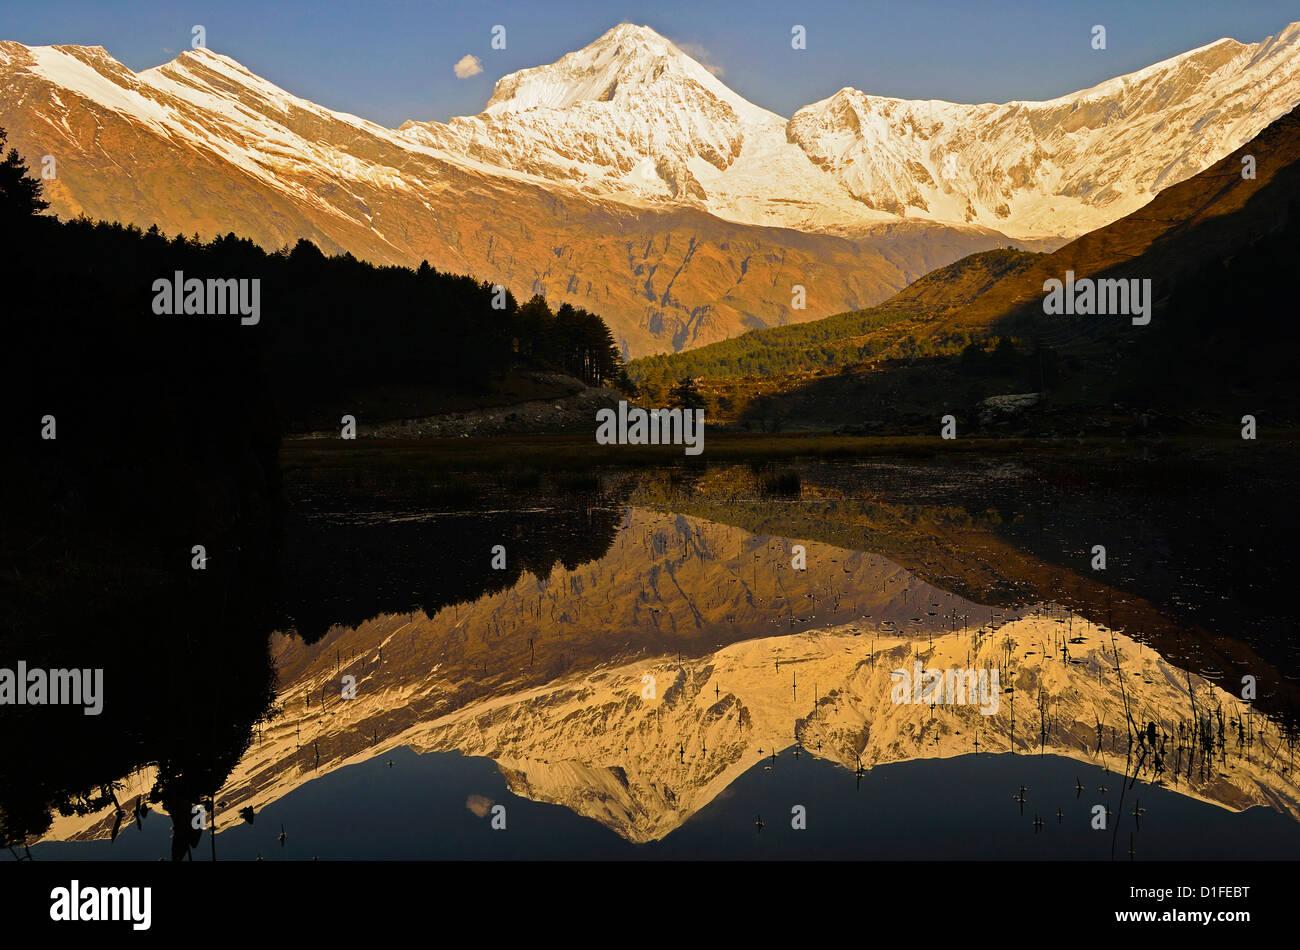 Dhaulagiri Himal vu de Titi, de l'Annapurna Conservation Area, Dhawalagiri (Dhaulagiri), Région de l'Ouest Photo Stock